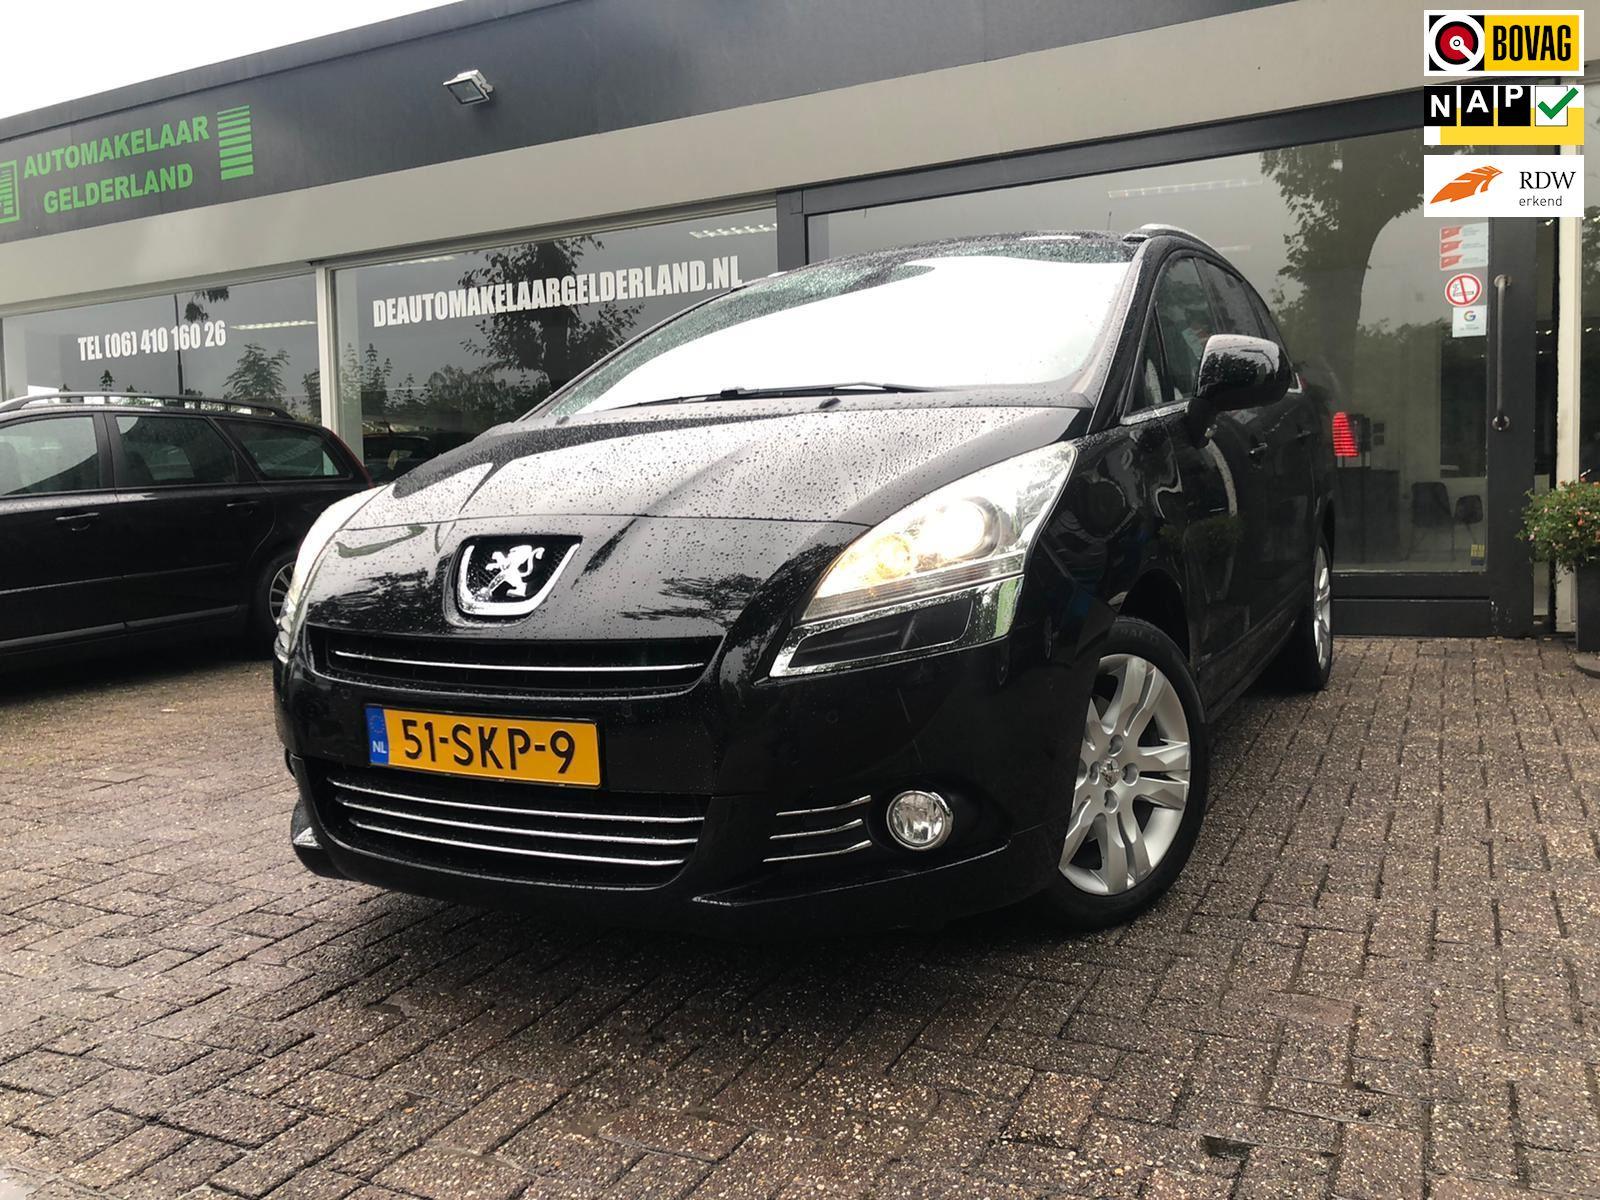 Peugeot 5008 occasion - De Automakelaar Gelderland